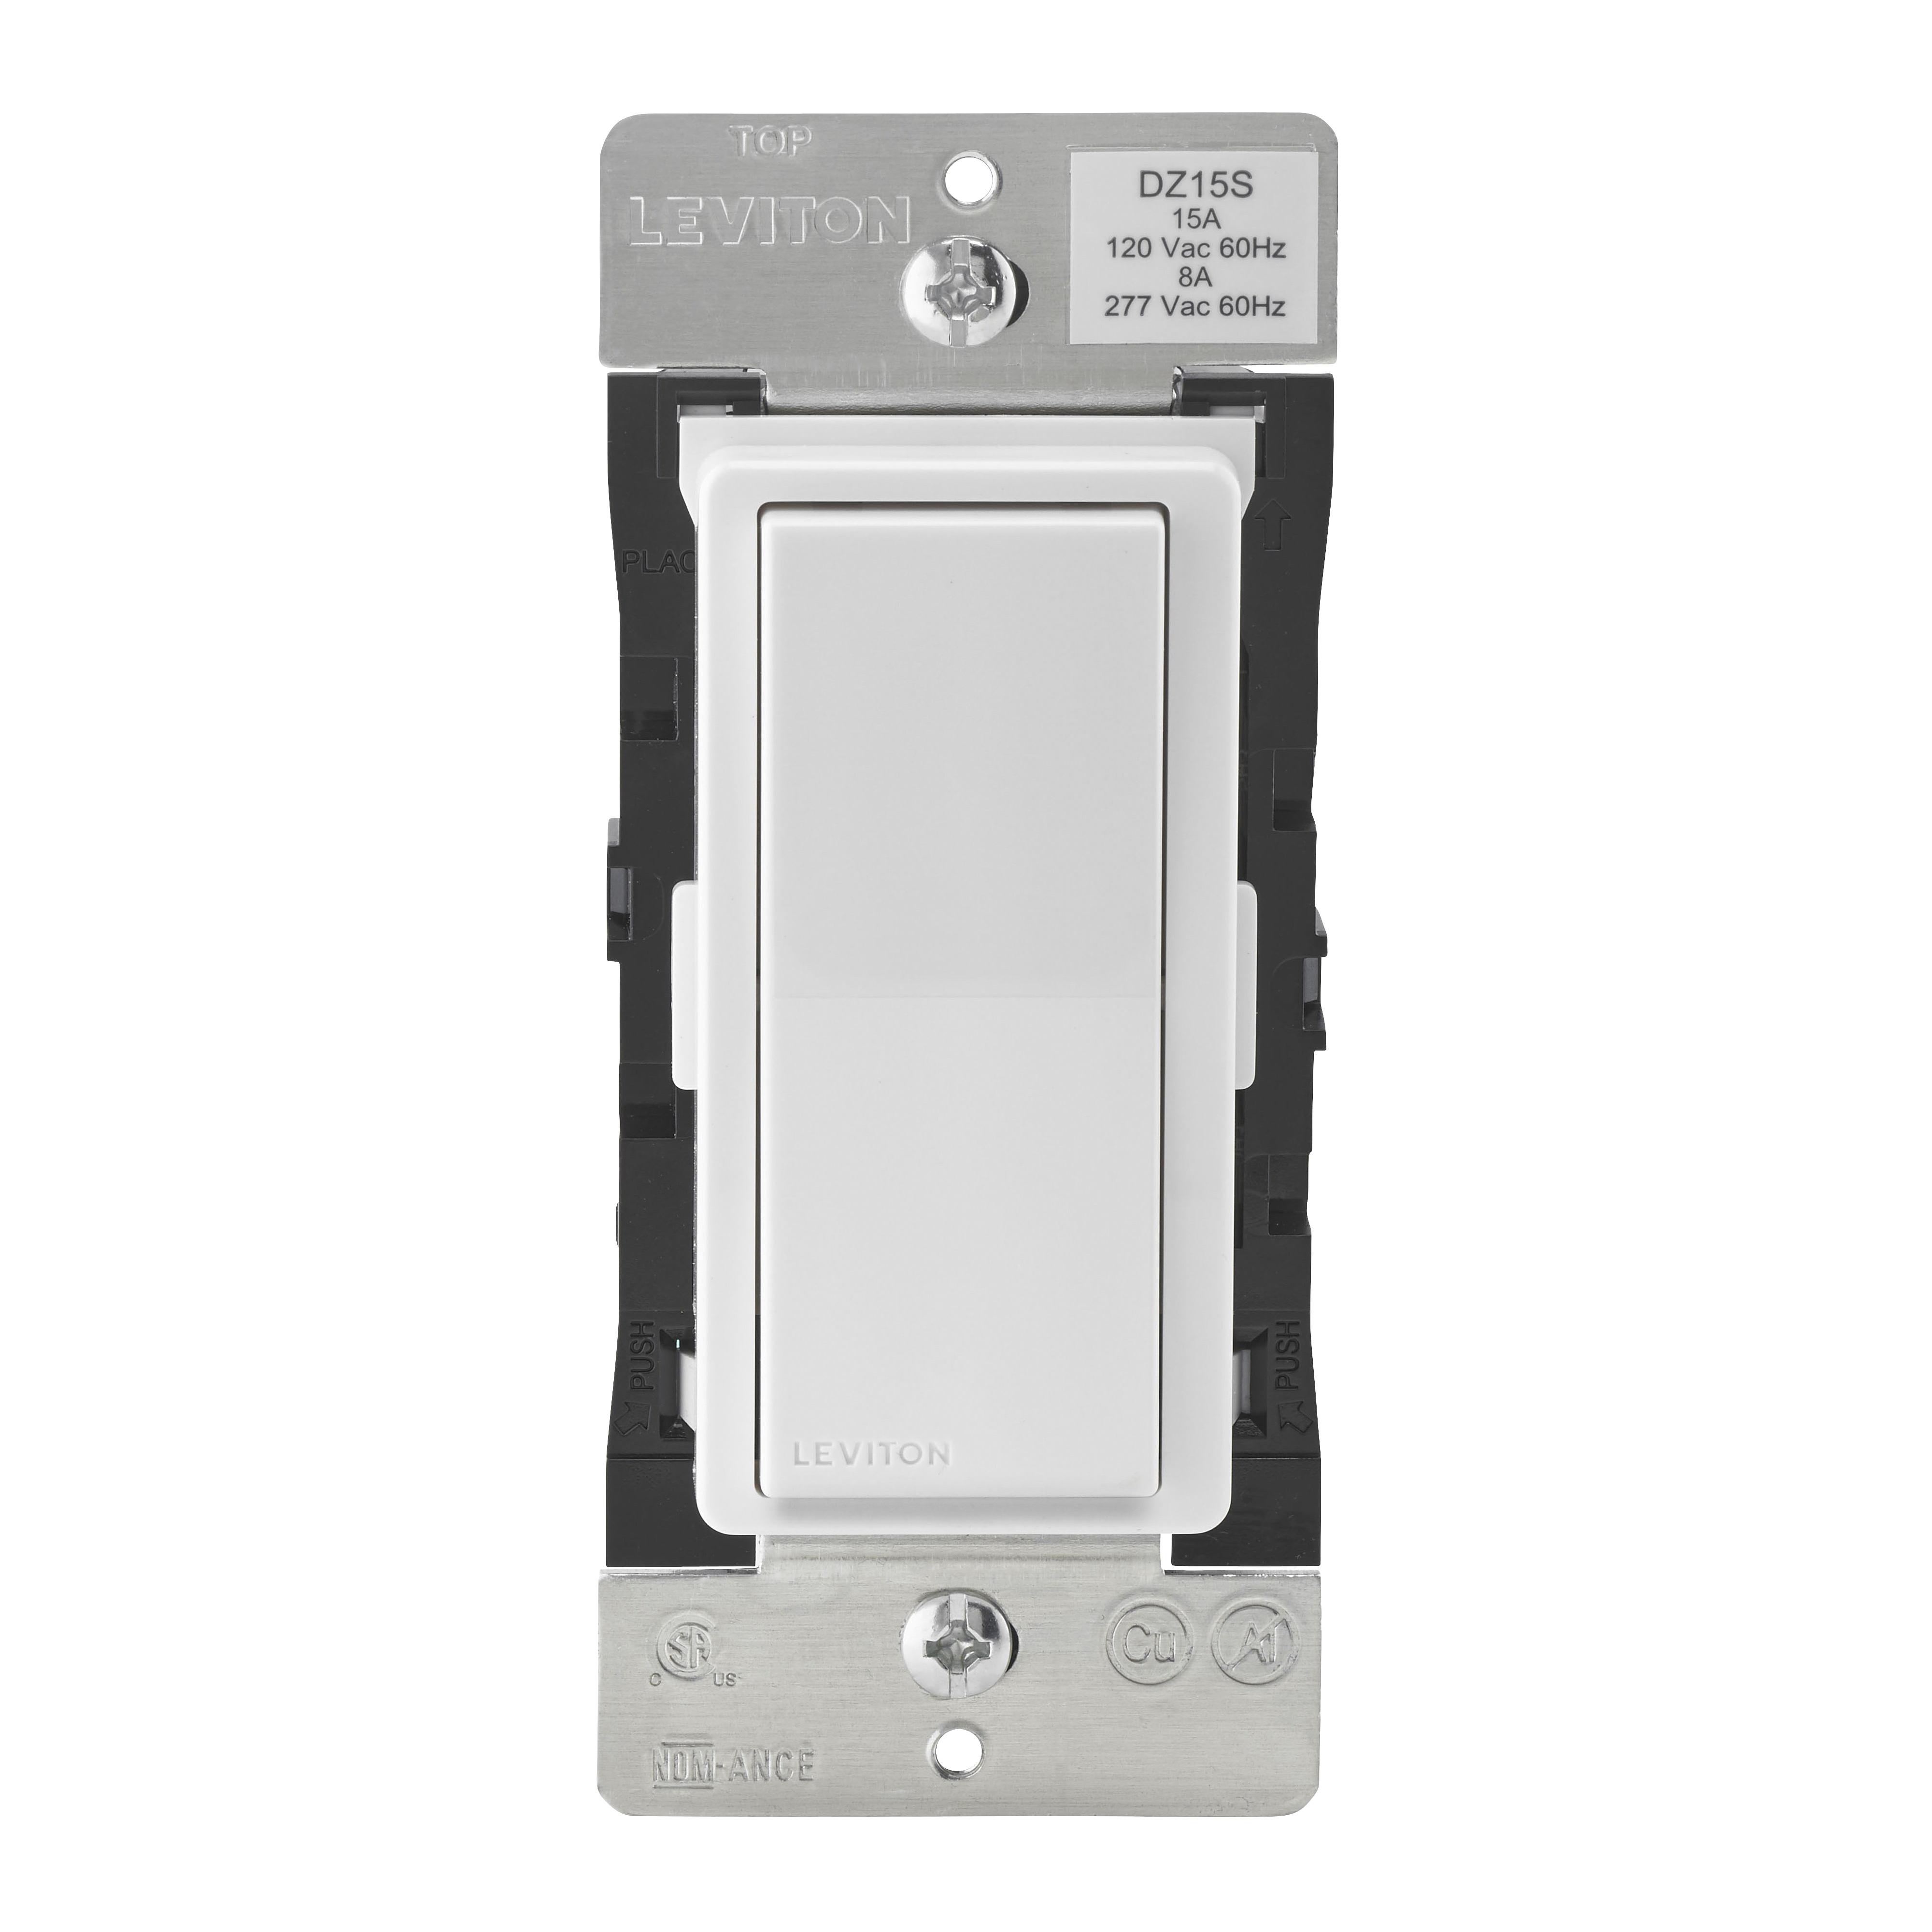 Picture of Leviton Decora Smart R51-DZ15S-1RZ Switch, 1-Pole, 3-Way, 120 V, 60 Hz, Z-Wave, Hardwired, Light Almond/White